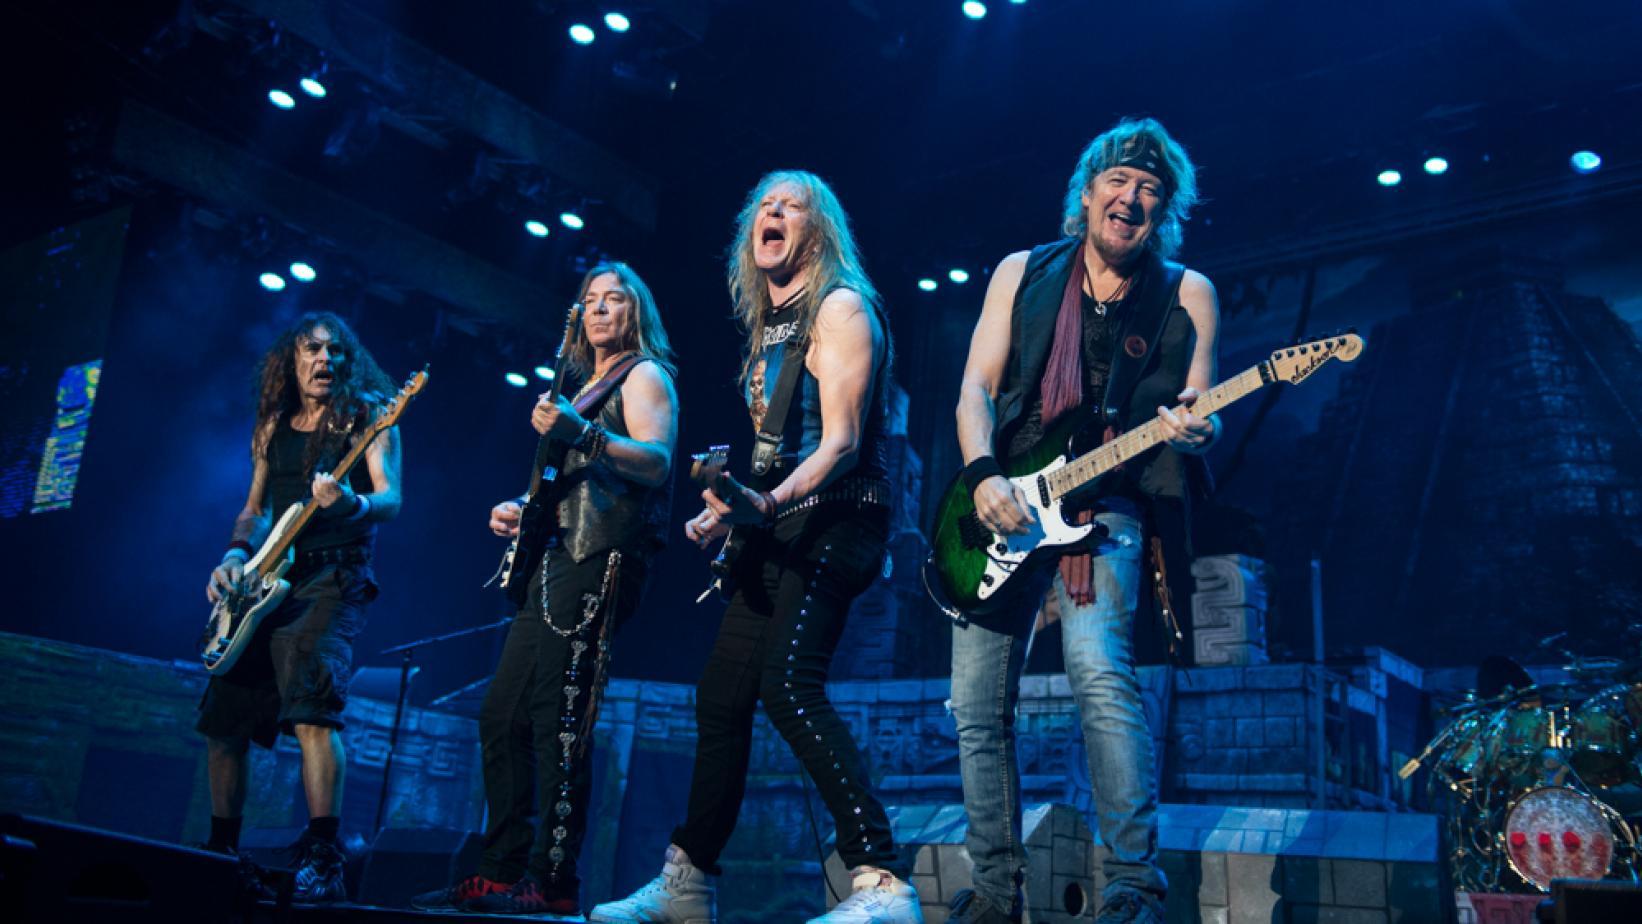 Siguiente Anuncian show de Iron Maiden en Movistar Arena